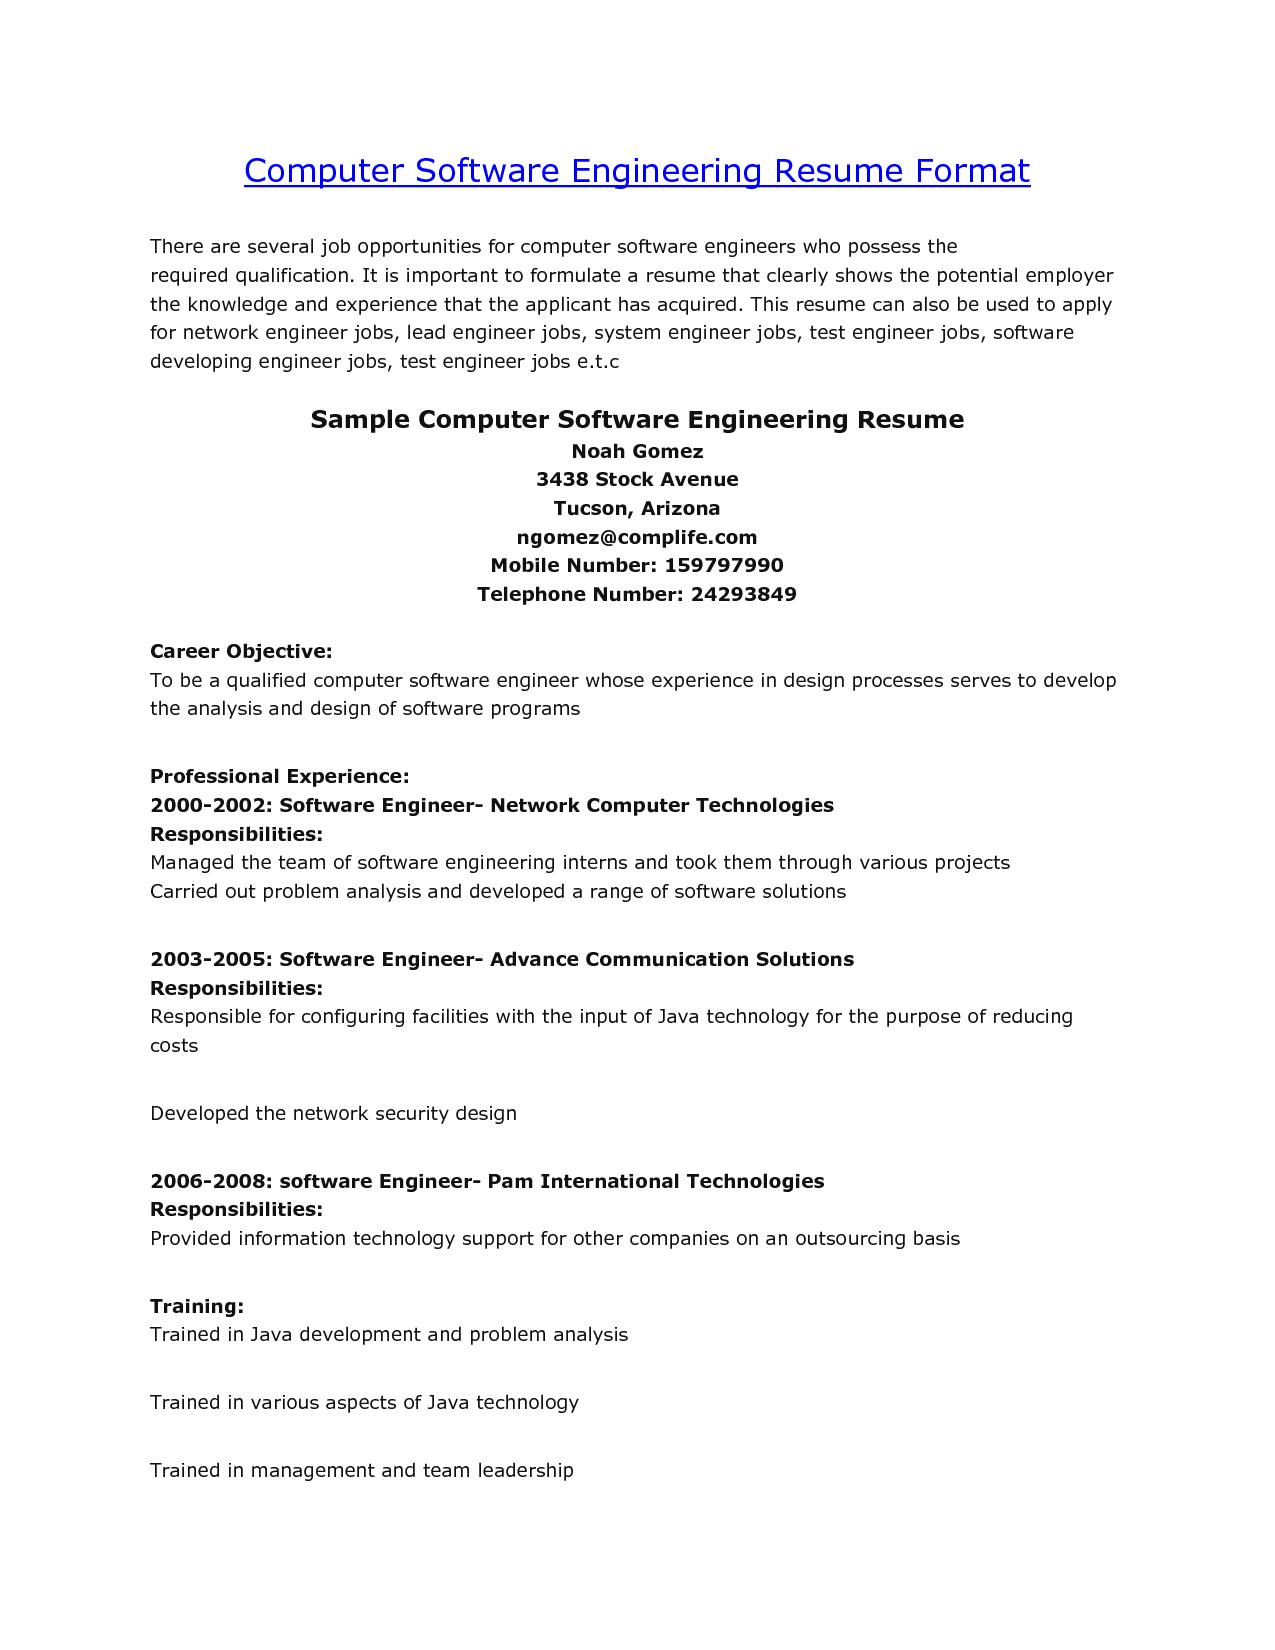 Sample Computer Engineering Resume Http Www Resumecareer Info Sample Computer Engineering Resume 2 Engineering Resume Job Resume Examples Software Engineer